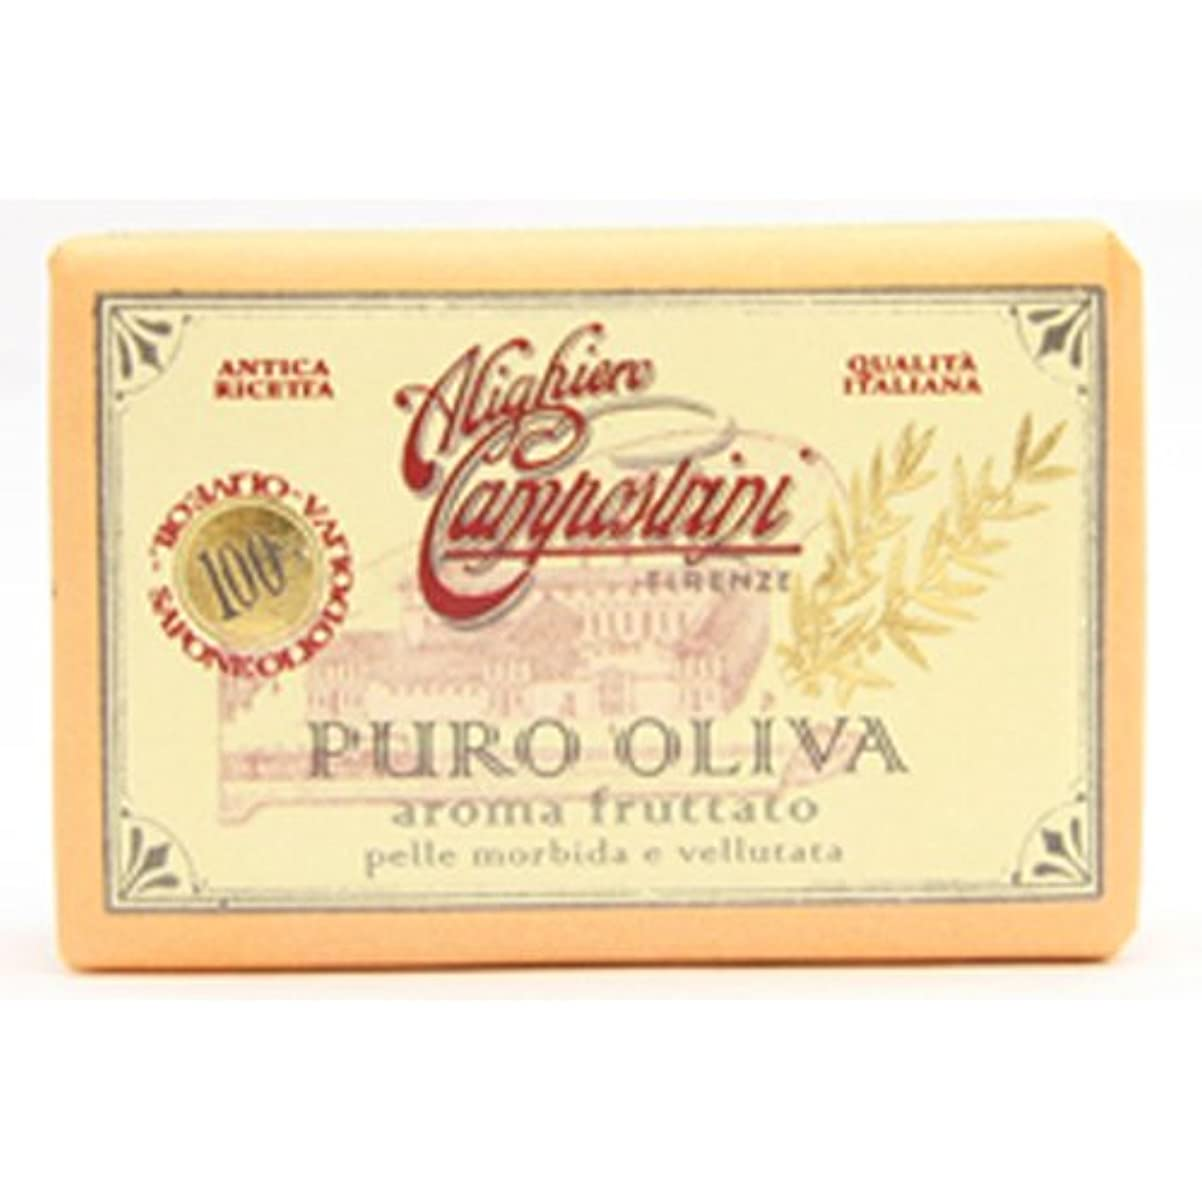 修復明るくする欠席Saponerire Fissi サポネリーフィッシー PURO OLIVA Soap オリーブオイル ピュロ ソープ Aroma fruttato フルーツ(オレンジ)